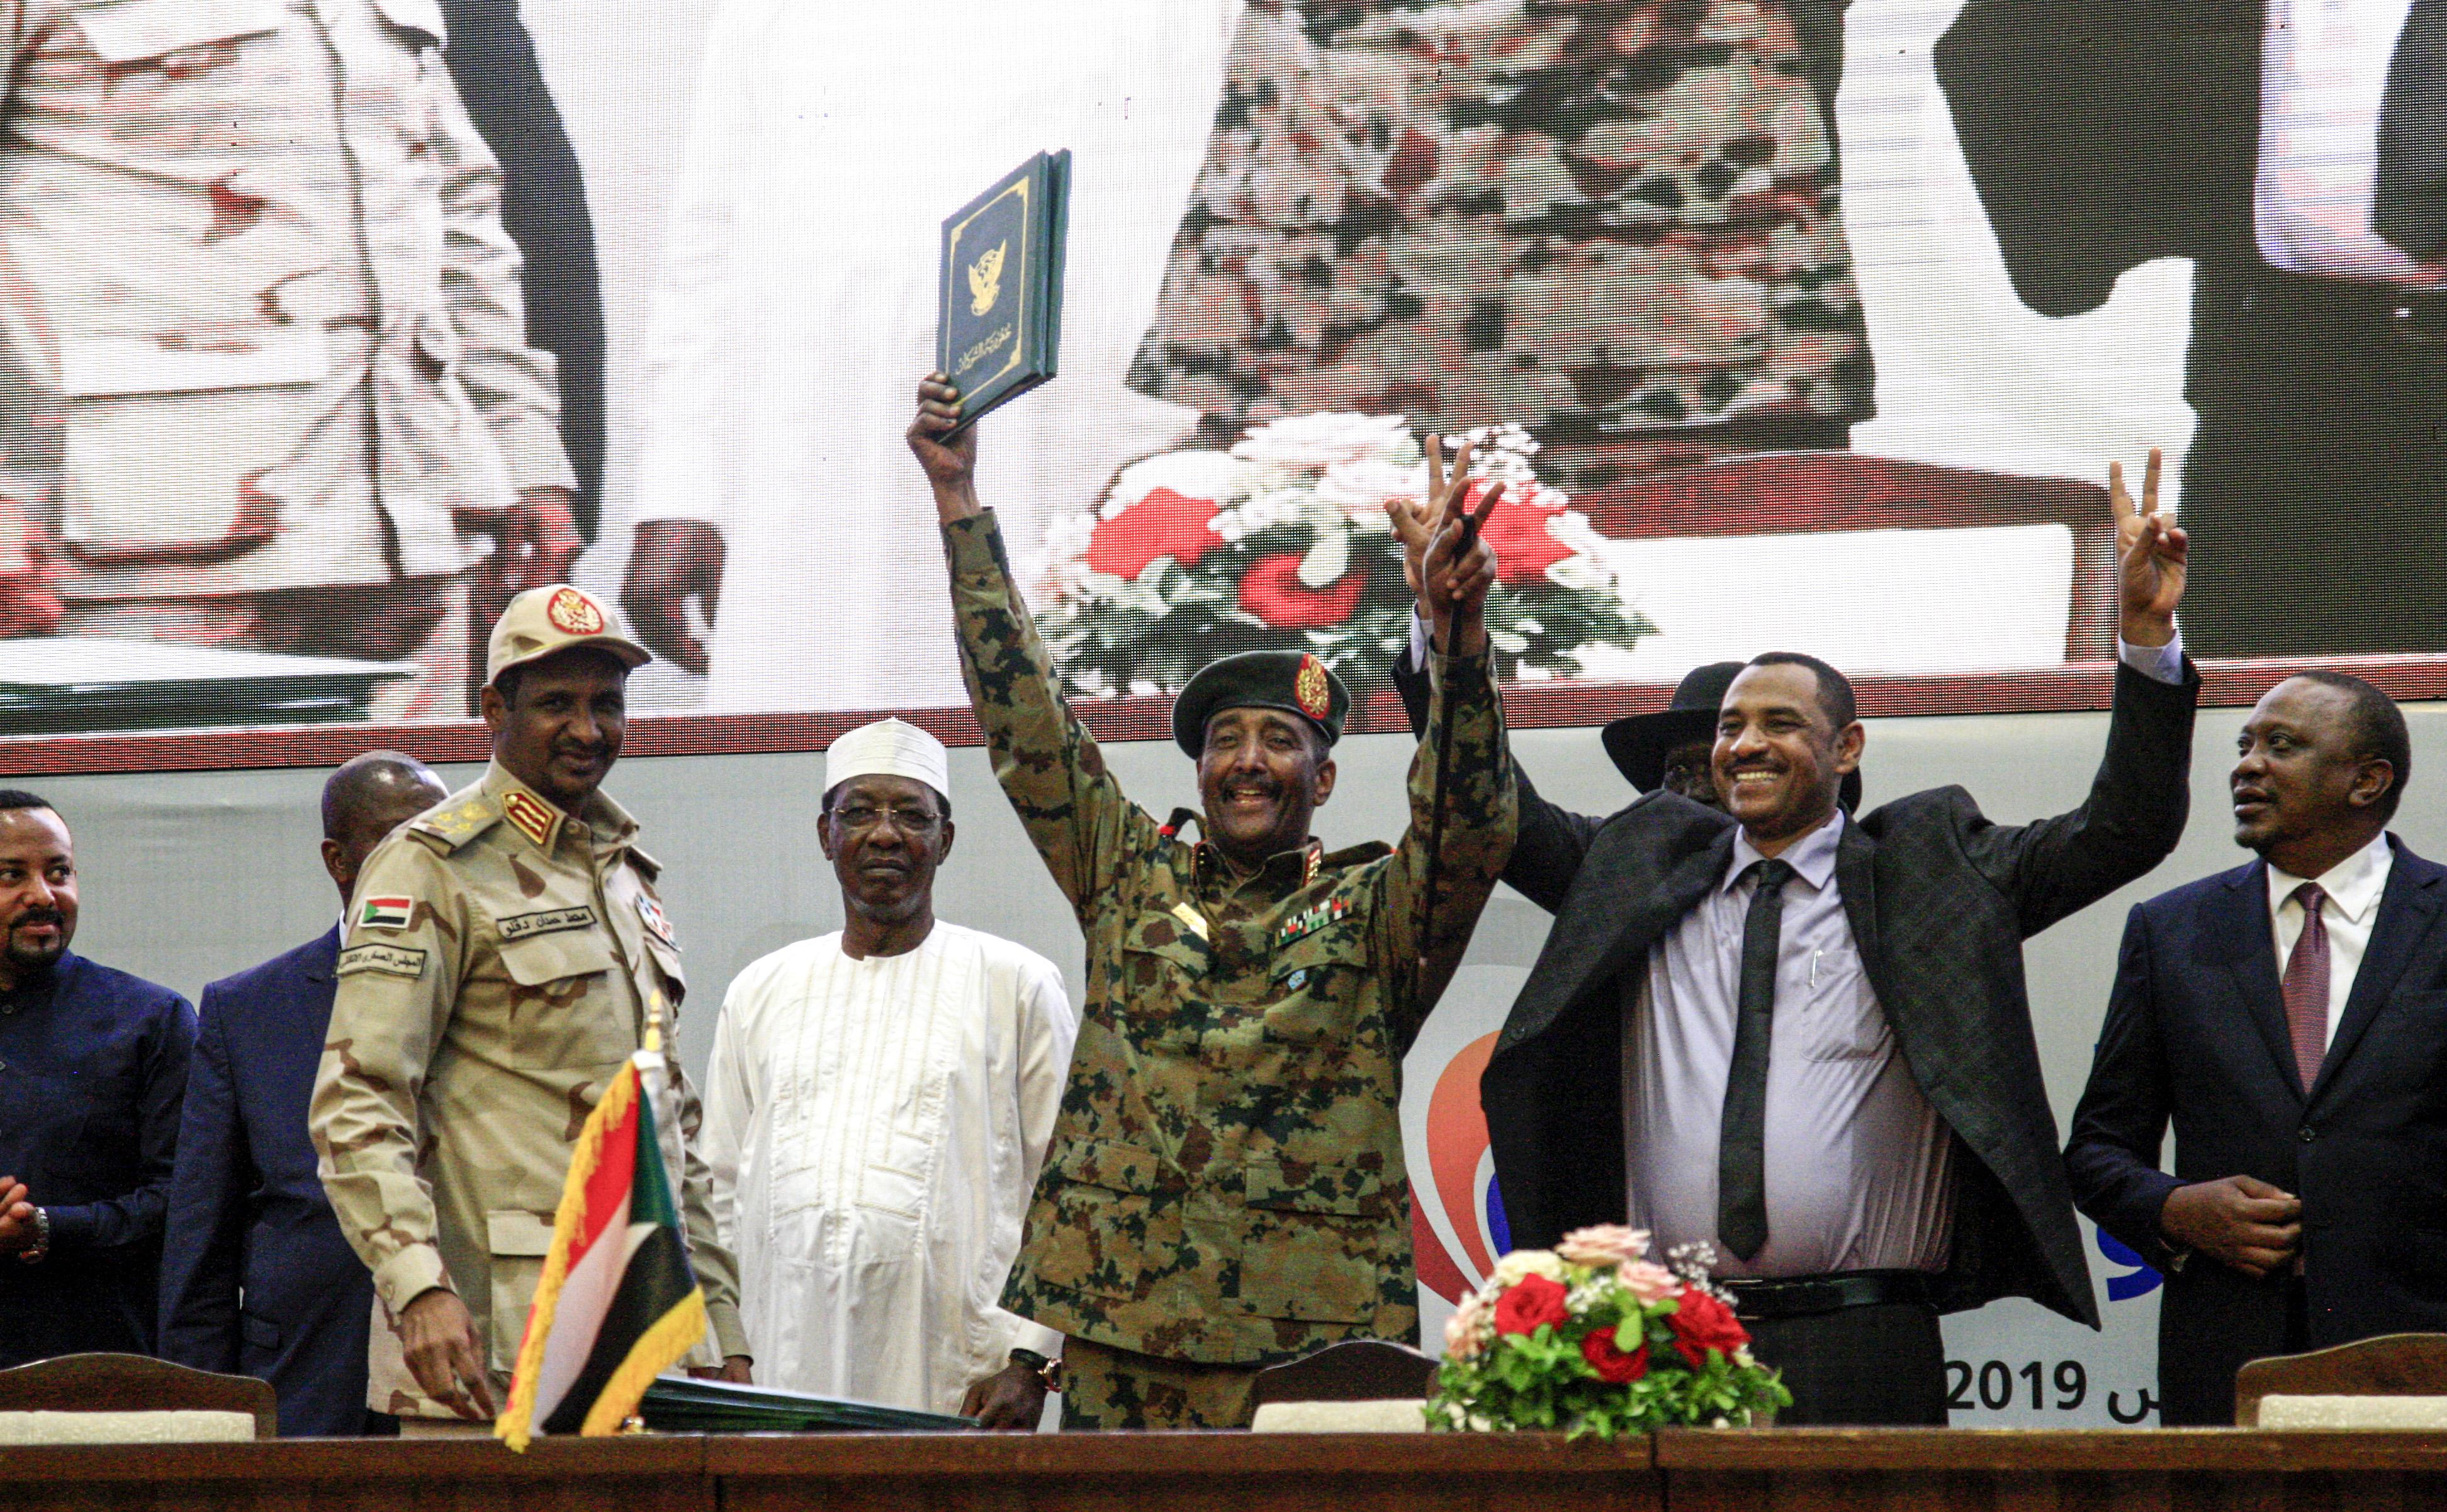 لحظة توقيع الوثائق الدستورية للمرحلة الانتقالية في السودان